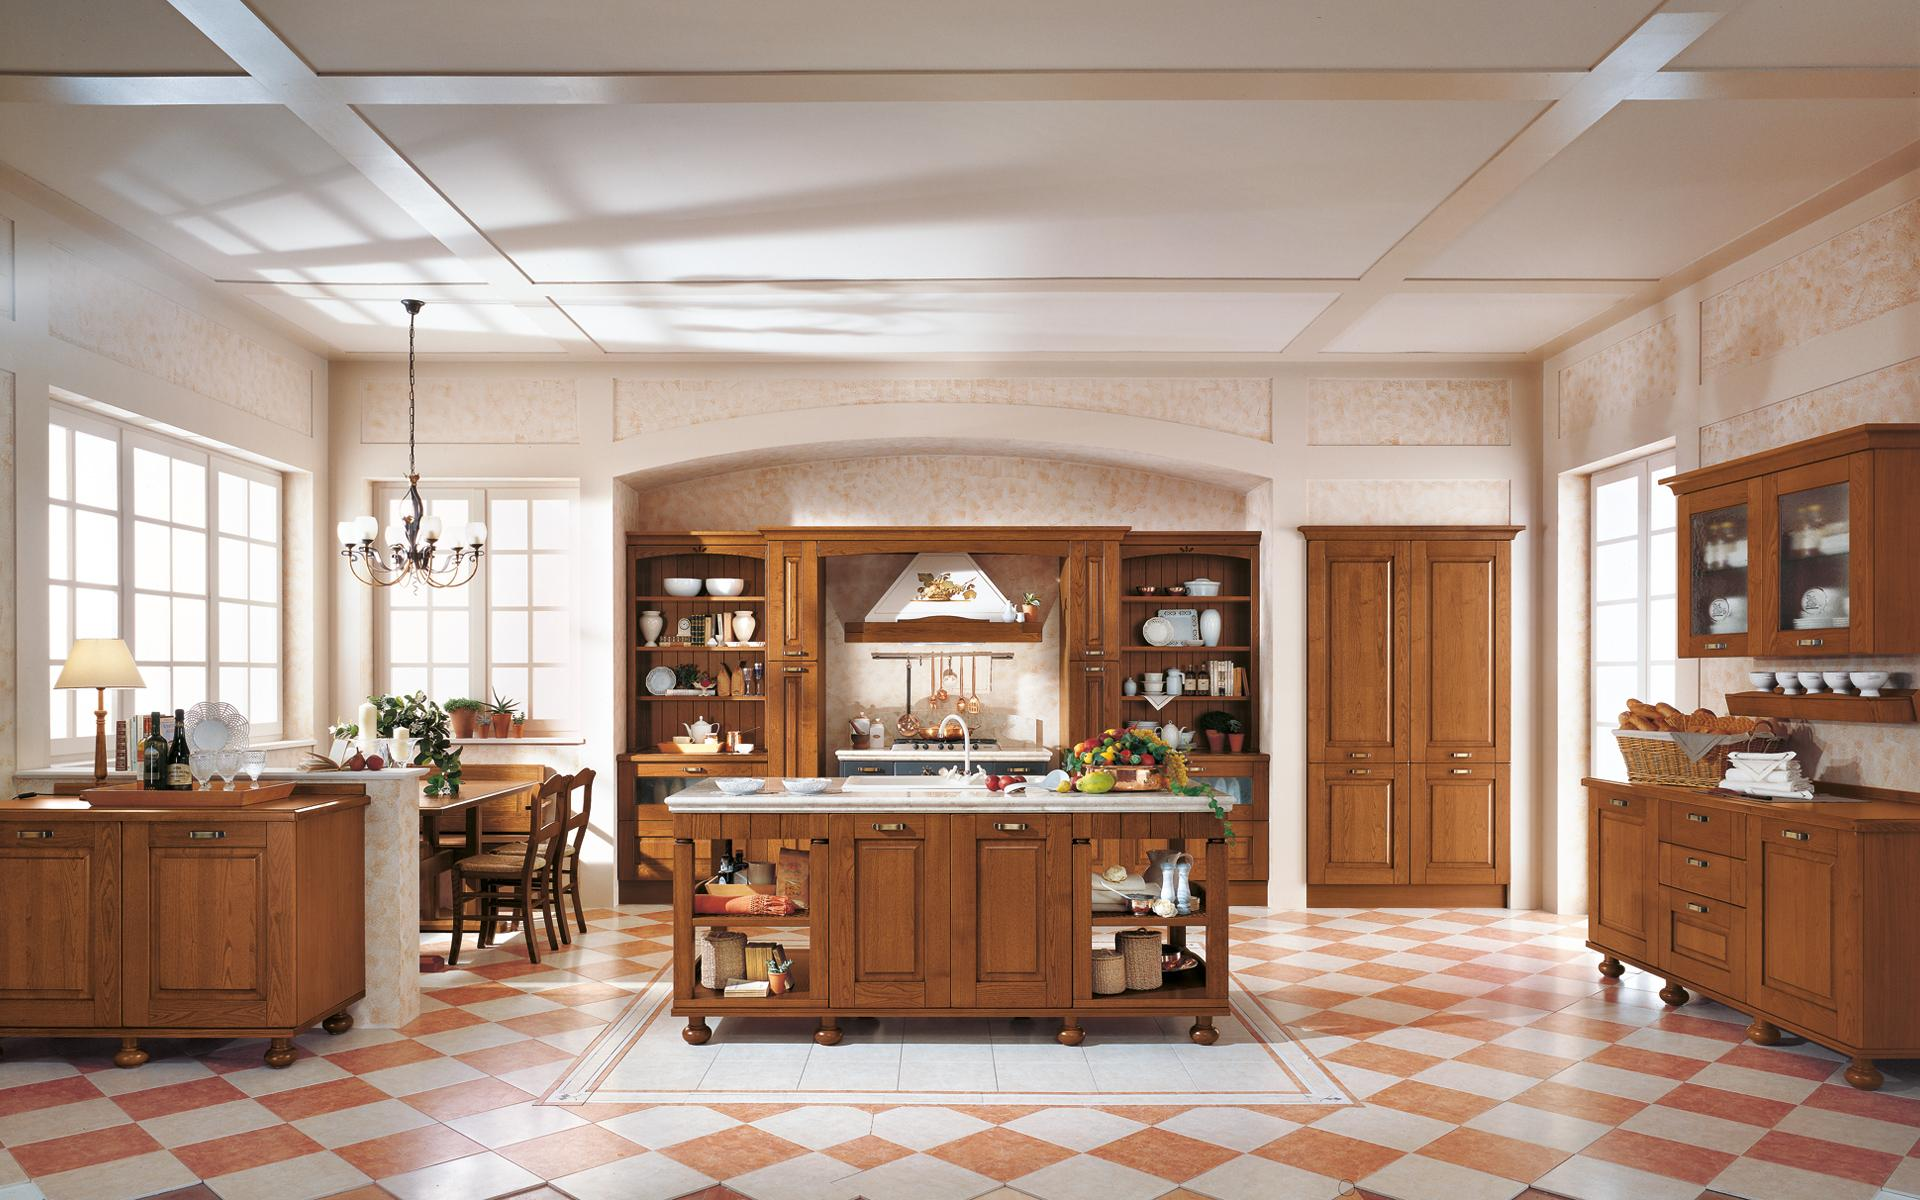 Arredo classico apuzzo mobili dal 1953 - Arredamento cucina classica ...